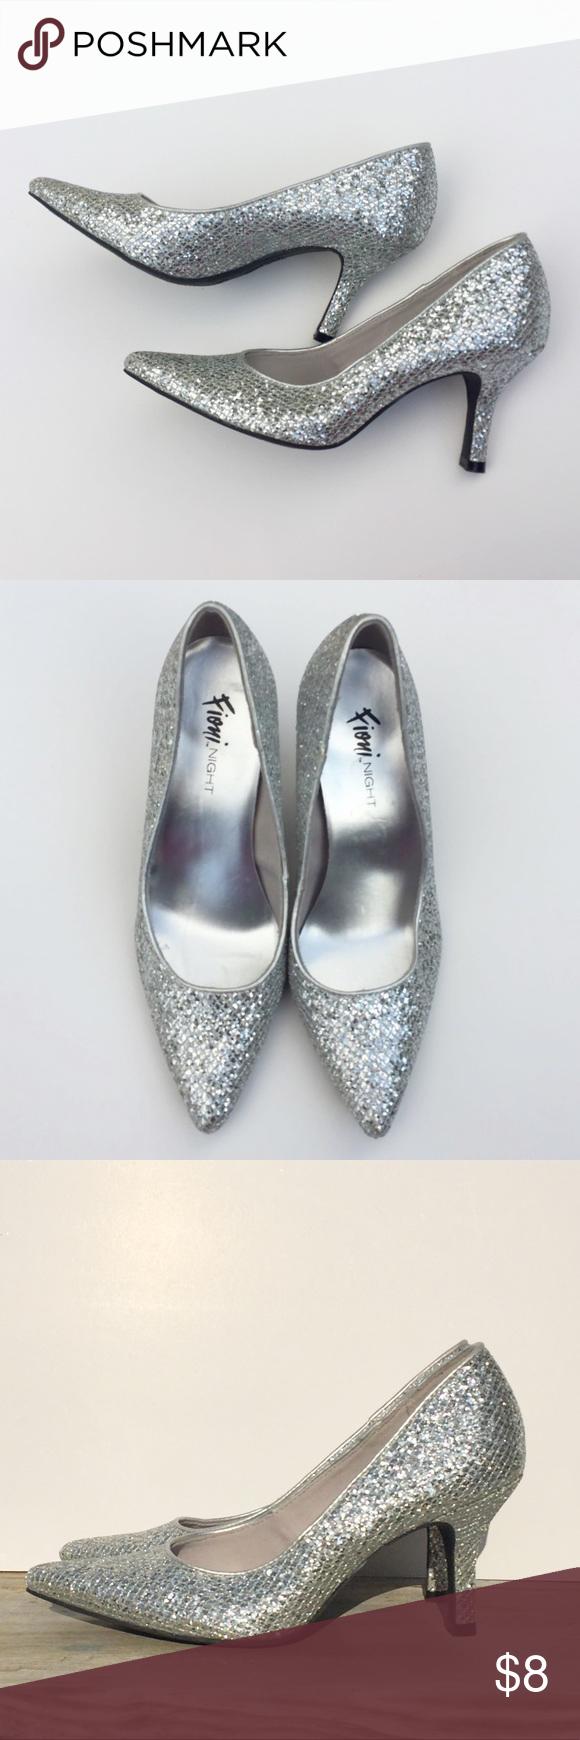 Fioni Night Silver Glitter Pumps. Size